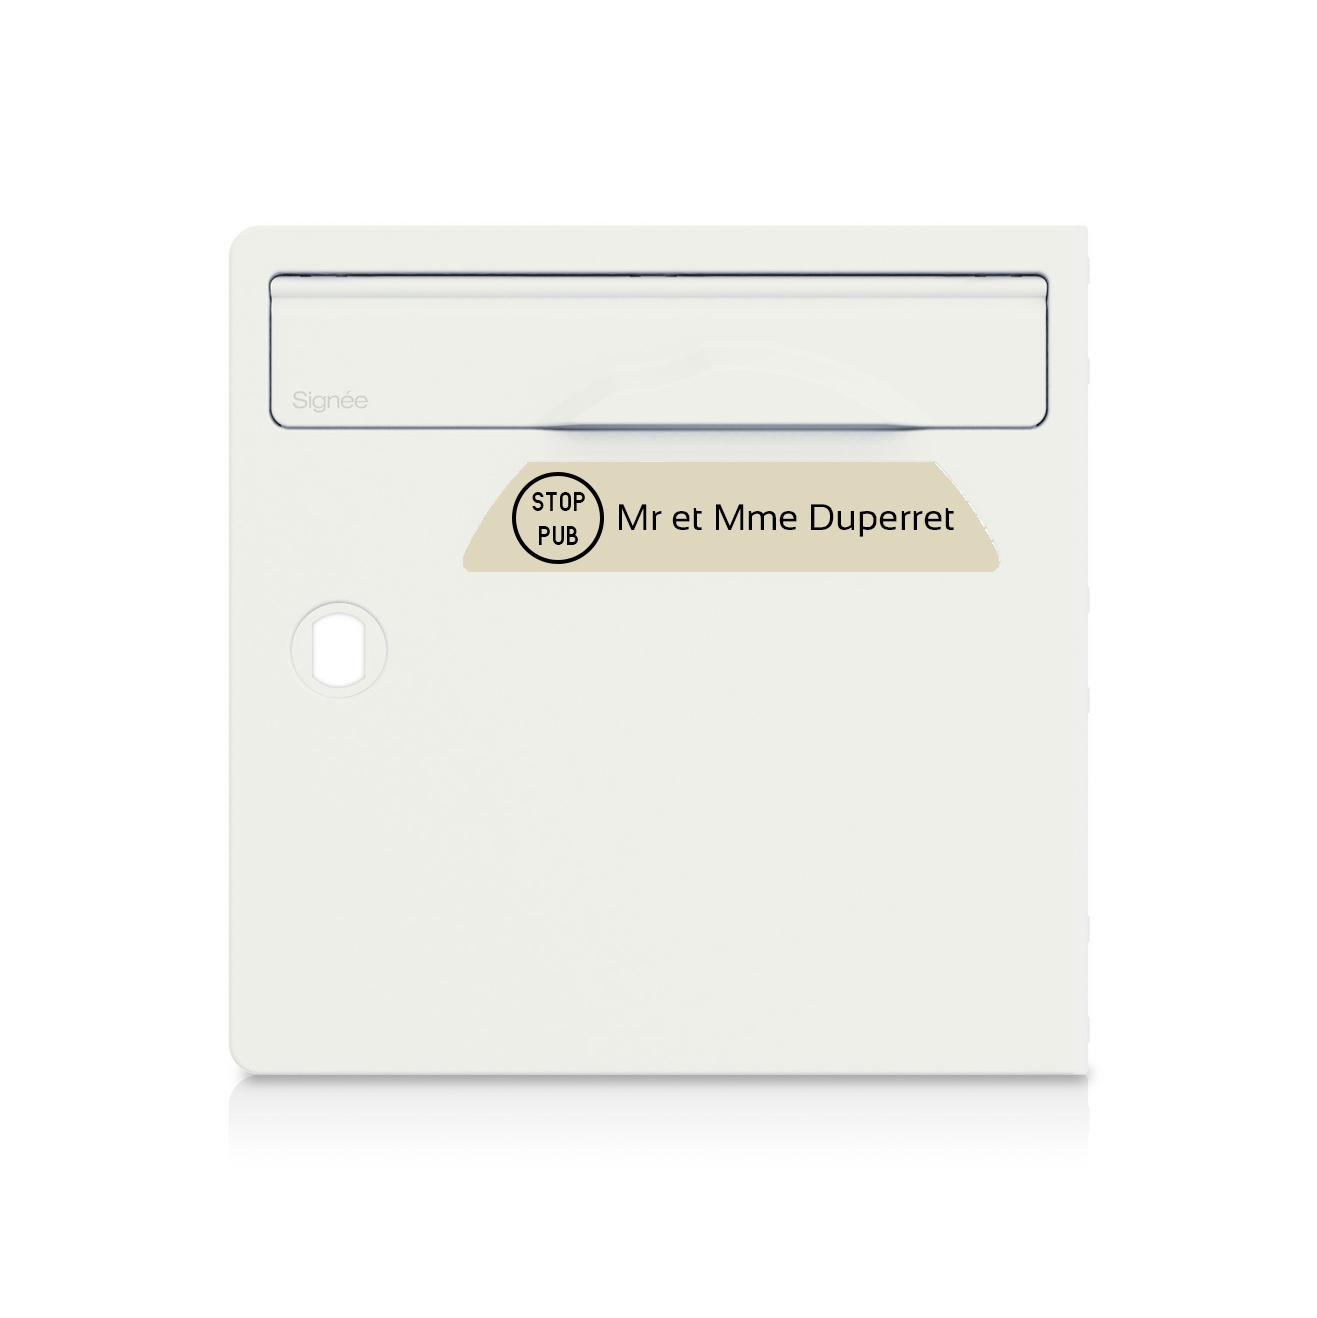 Plaque boite aux lettres Signée STOP PUB beige lettres noires - 1 ligne